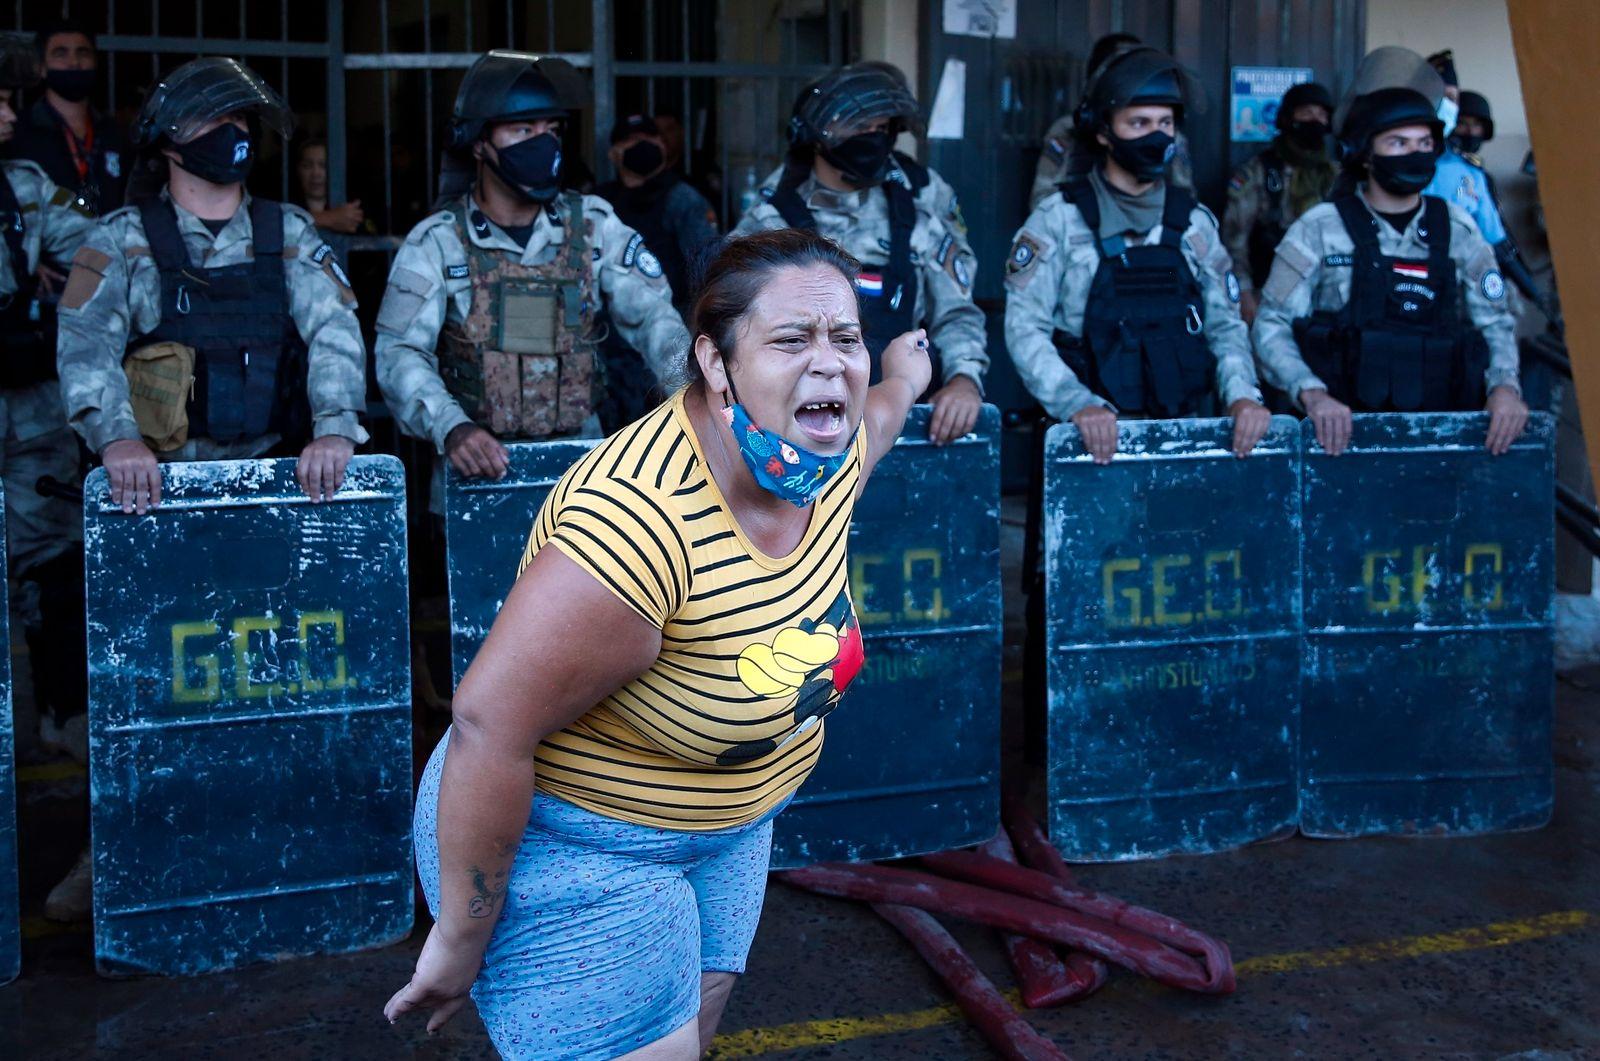 Paraguay Prison Riot